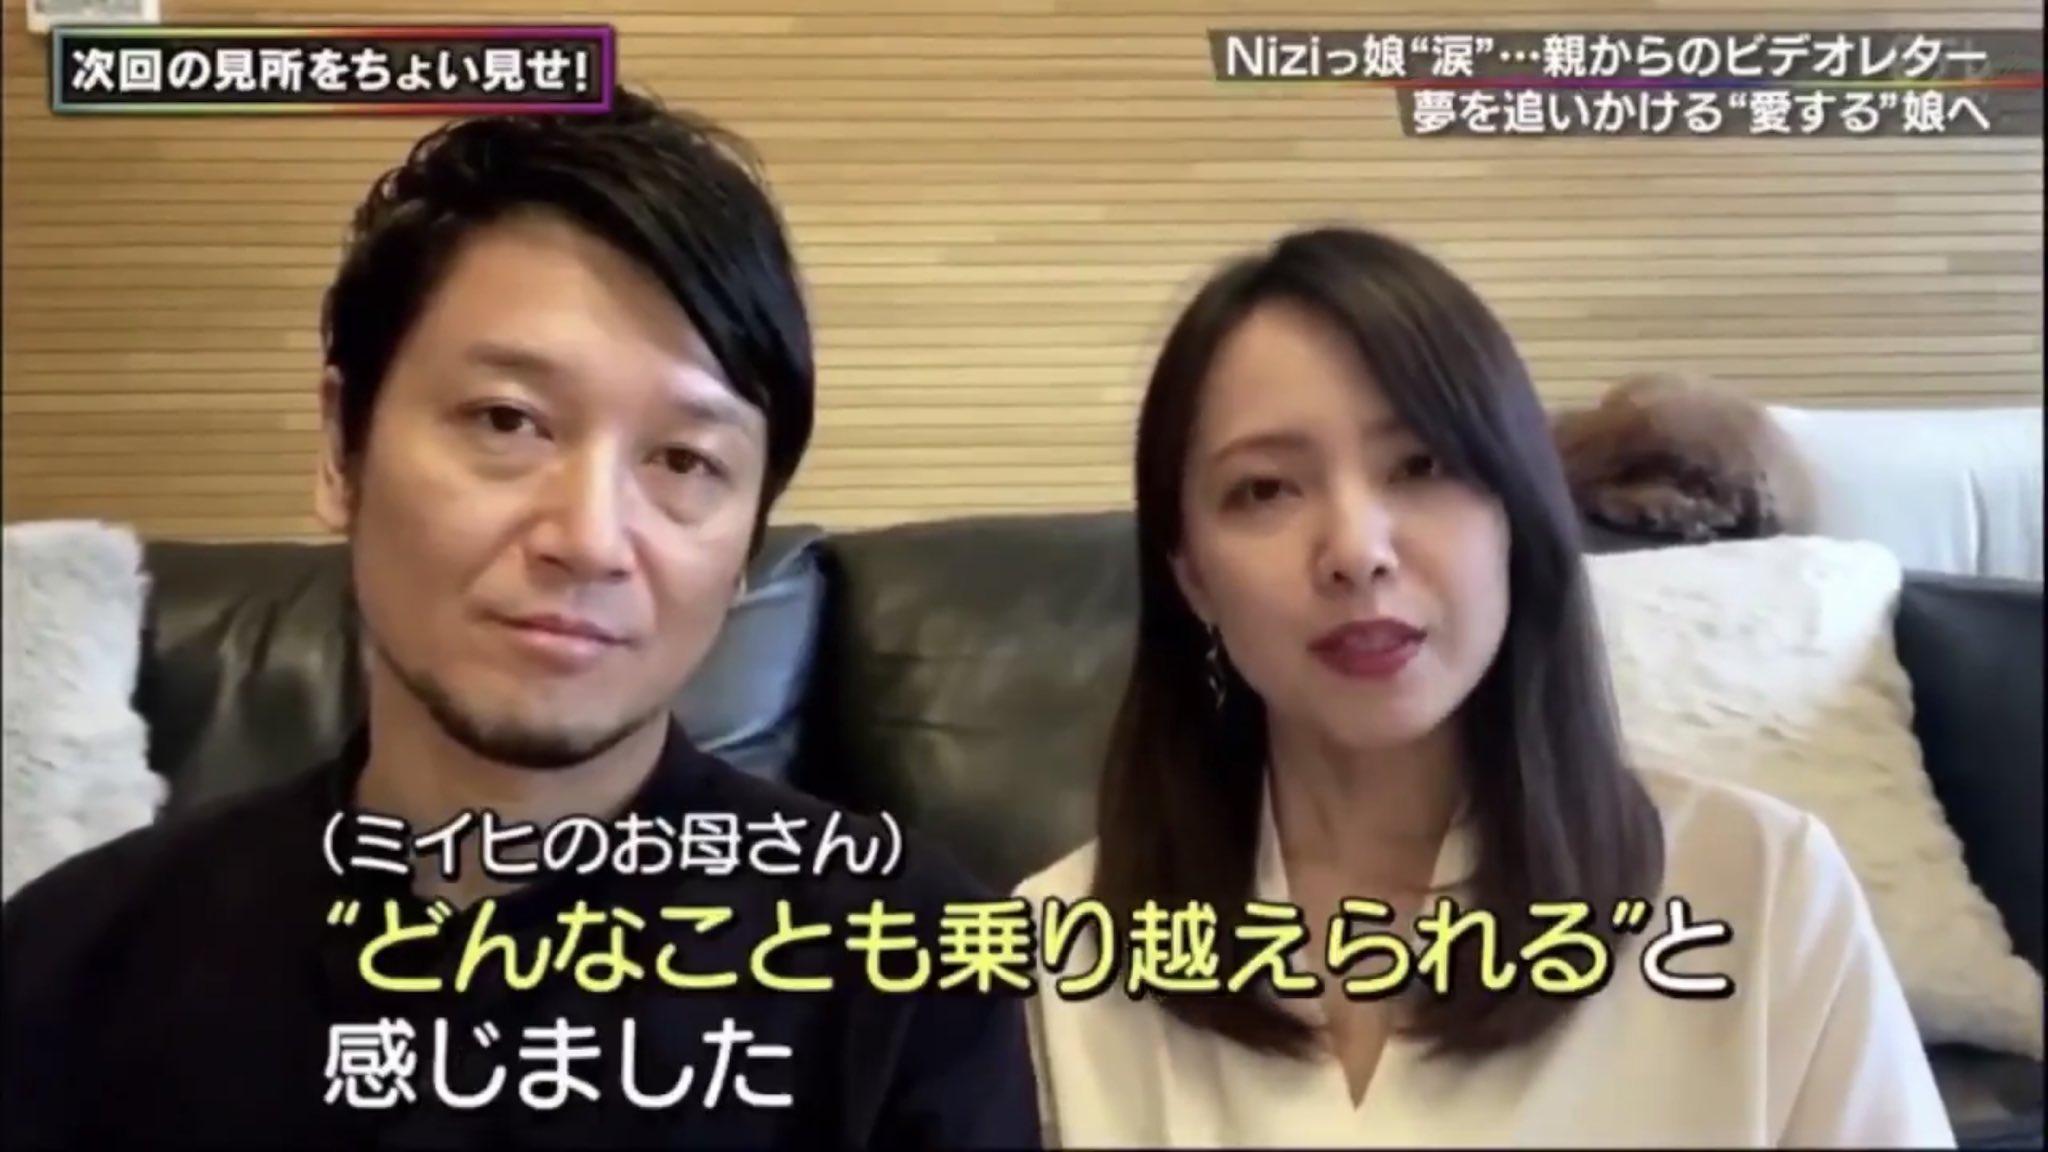 鈴野未光,ミイヒ,両親,美男美女,虹プロ,実家